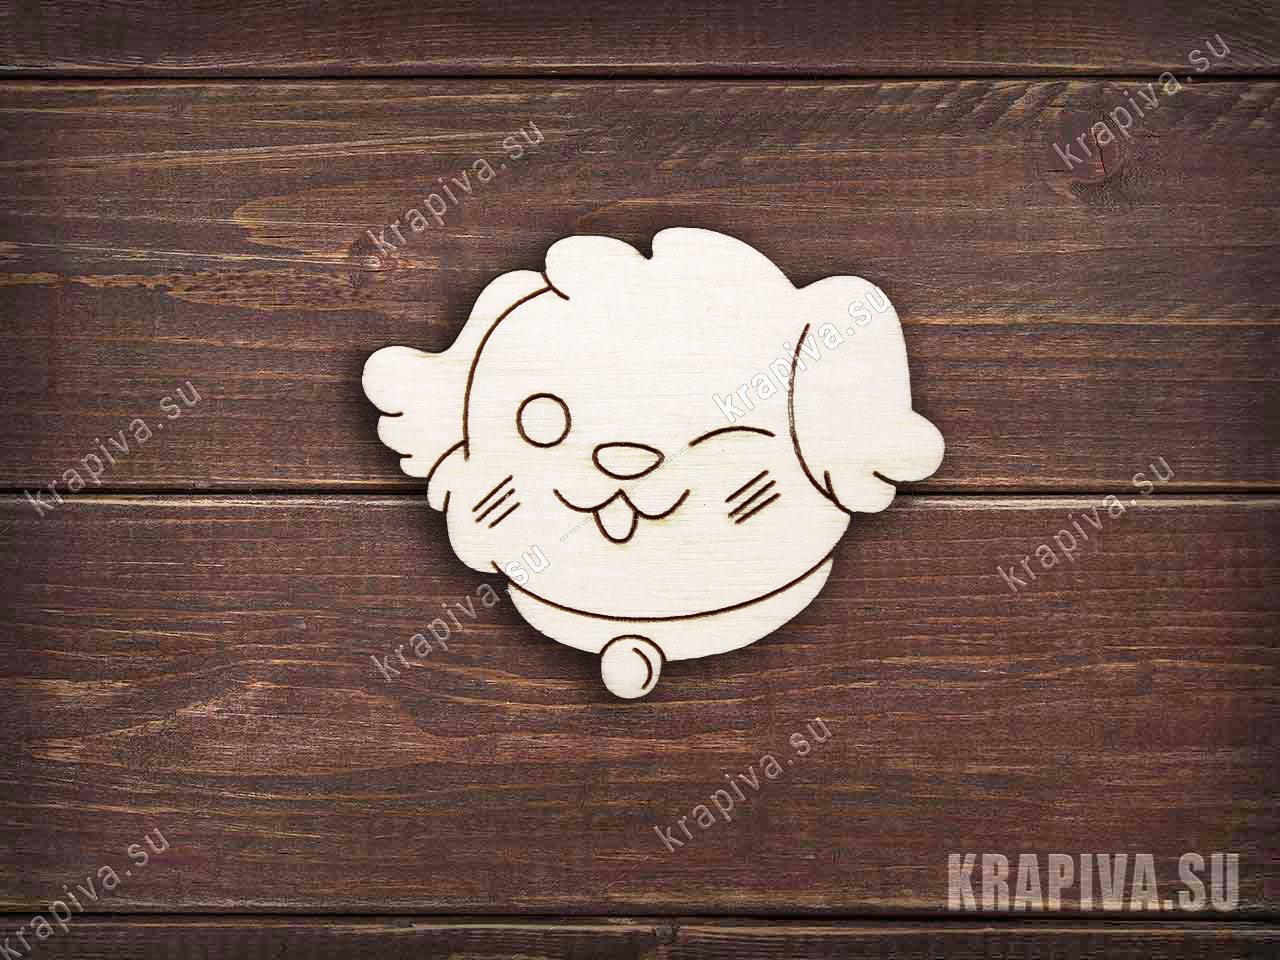 Заготовка деревянная Подмигивающая собака для значка (krapiva.su)